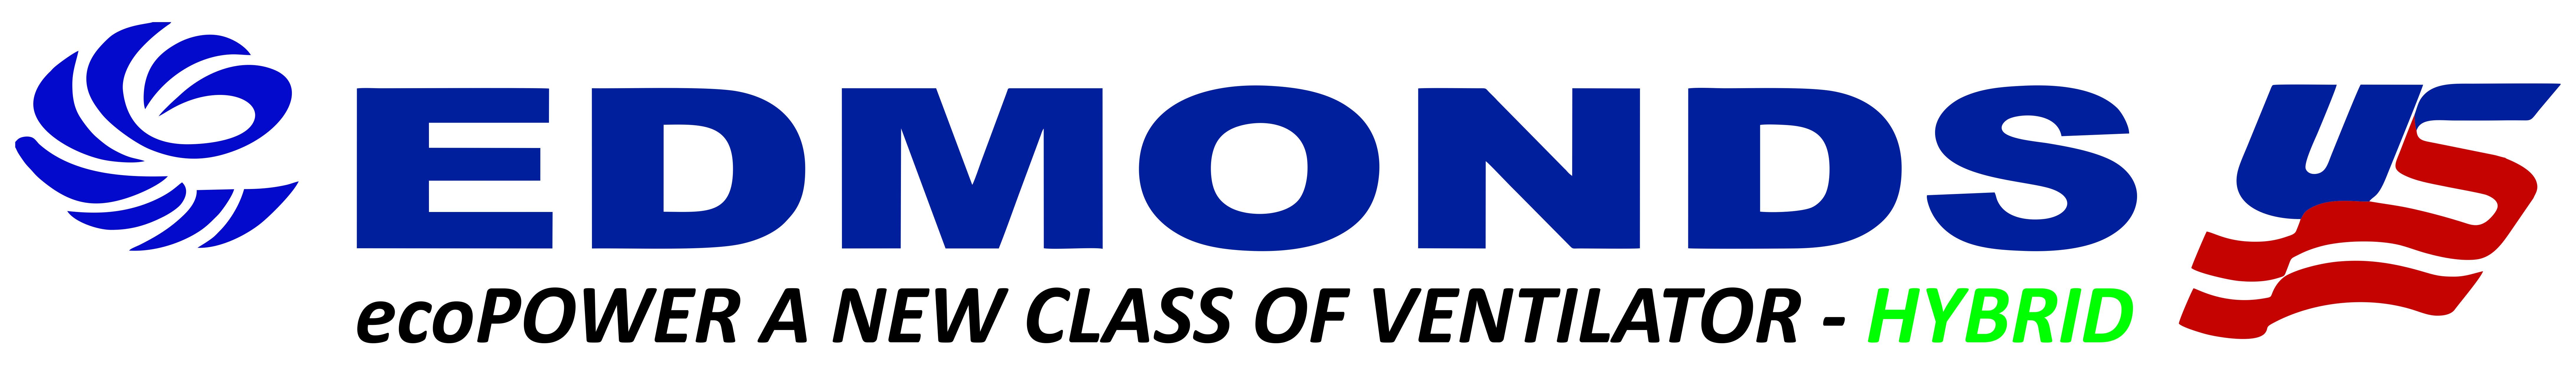 edmonds-logo.jpg